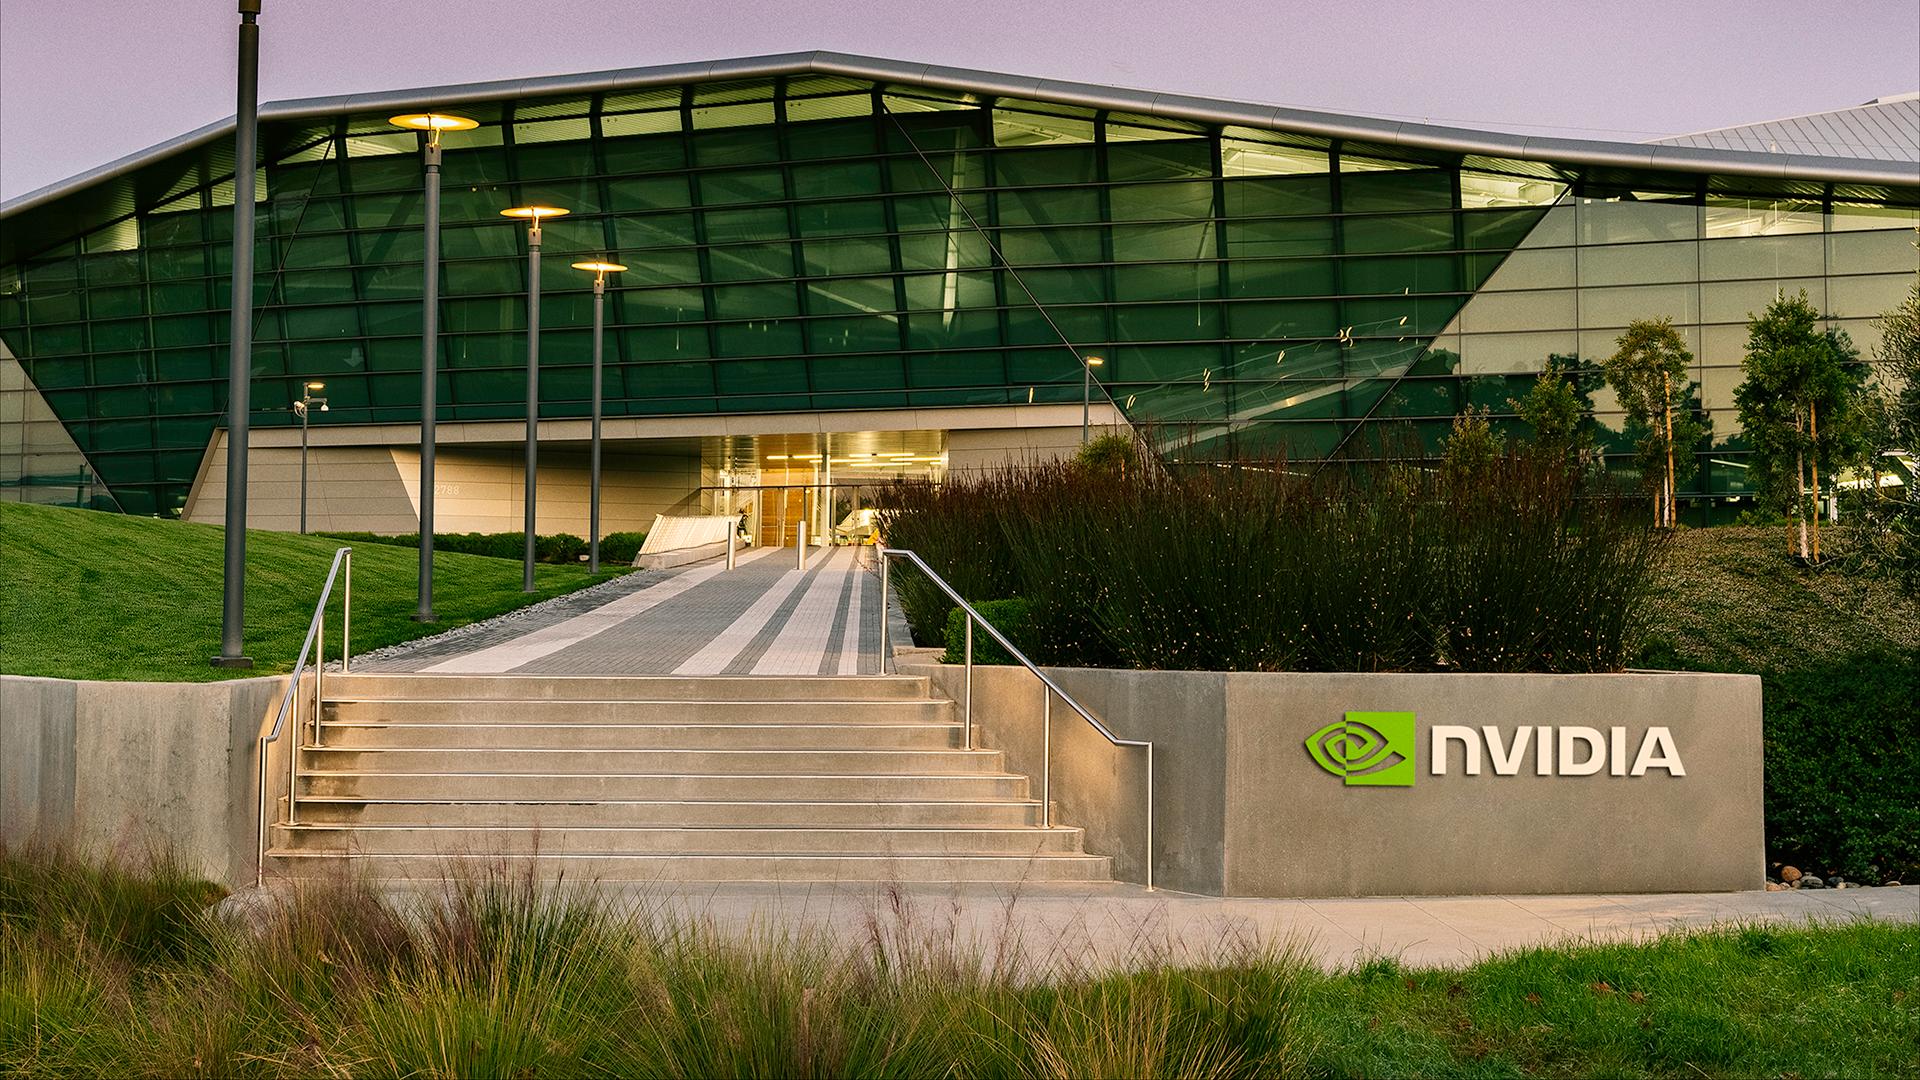 Los ingresos de los centros de datos de Nvidia aumentan un 79% en el primer trimestre